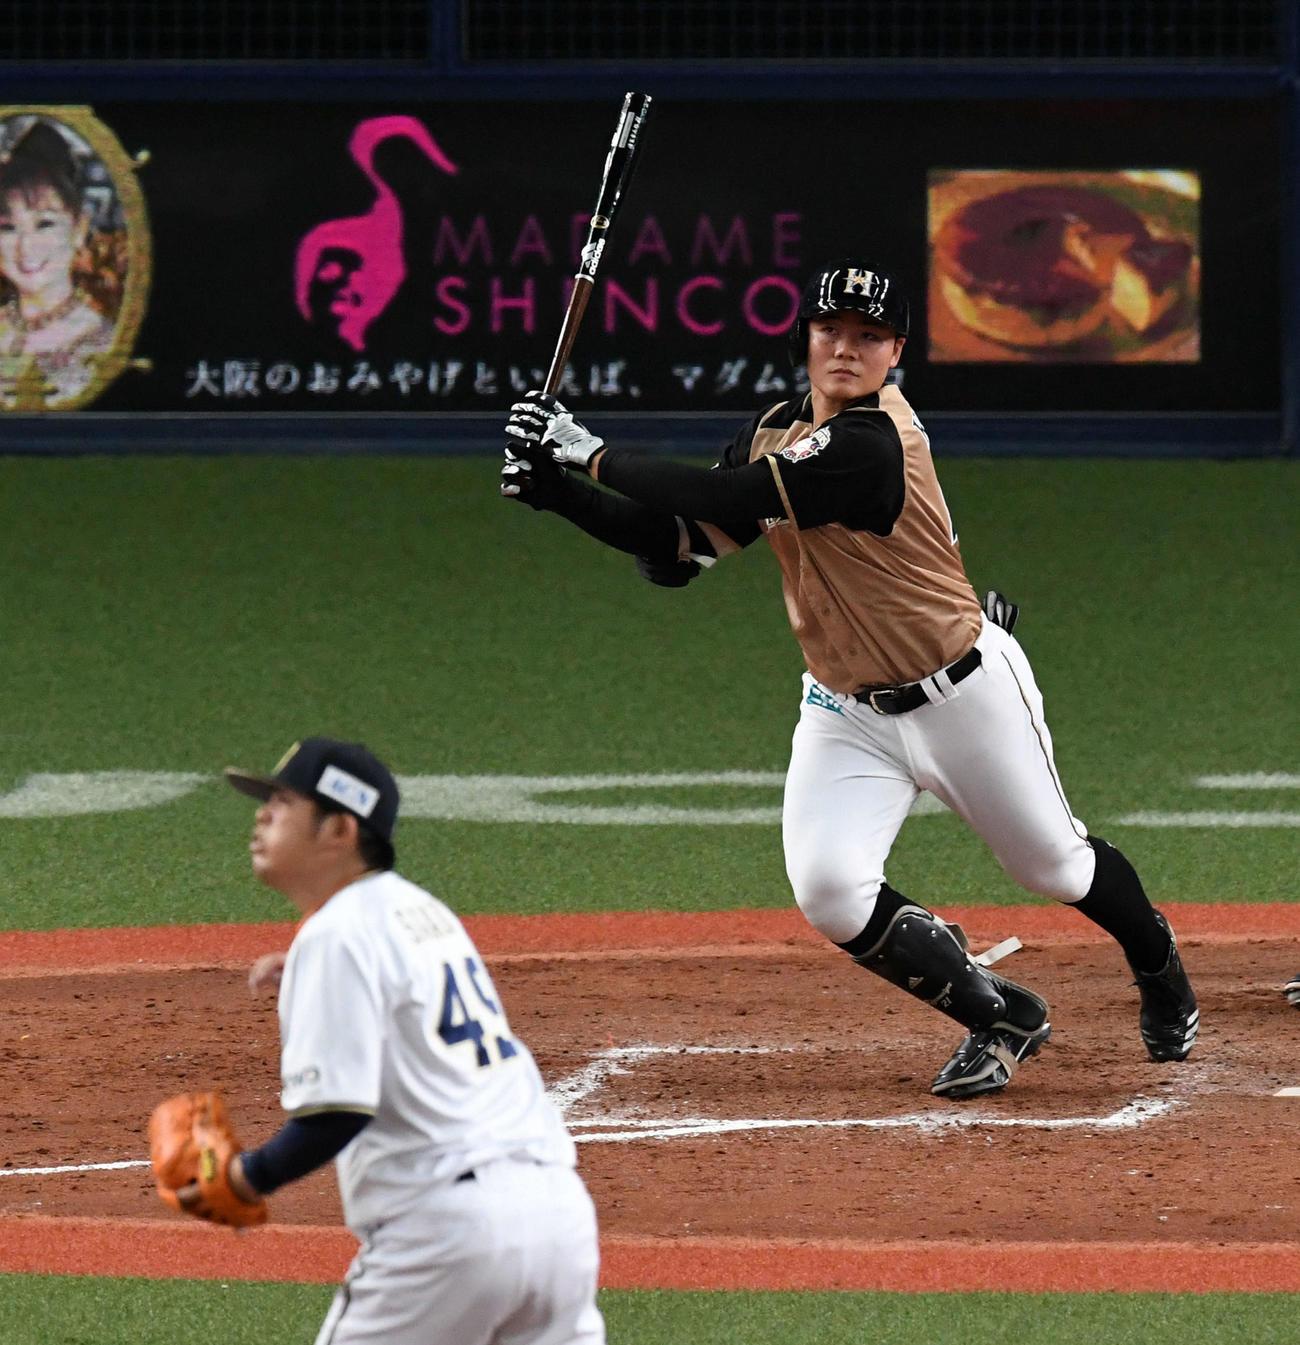 オリックス対日本ハム 9回表日本ハム2死二塁、清宮は右中間に2点本塁打を放つ(撮影・前岡正明)